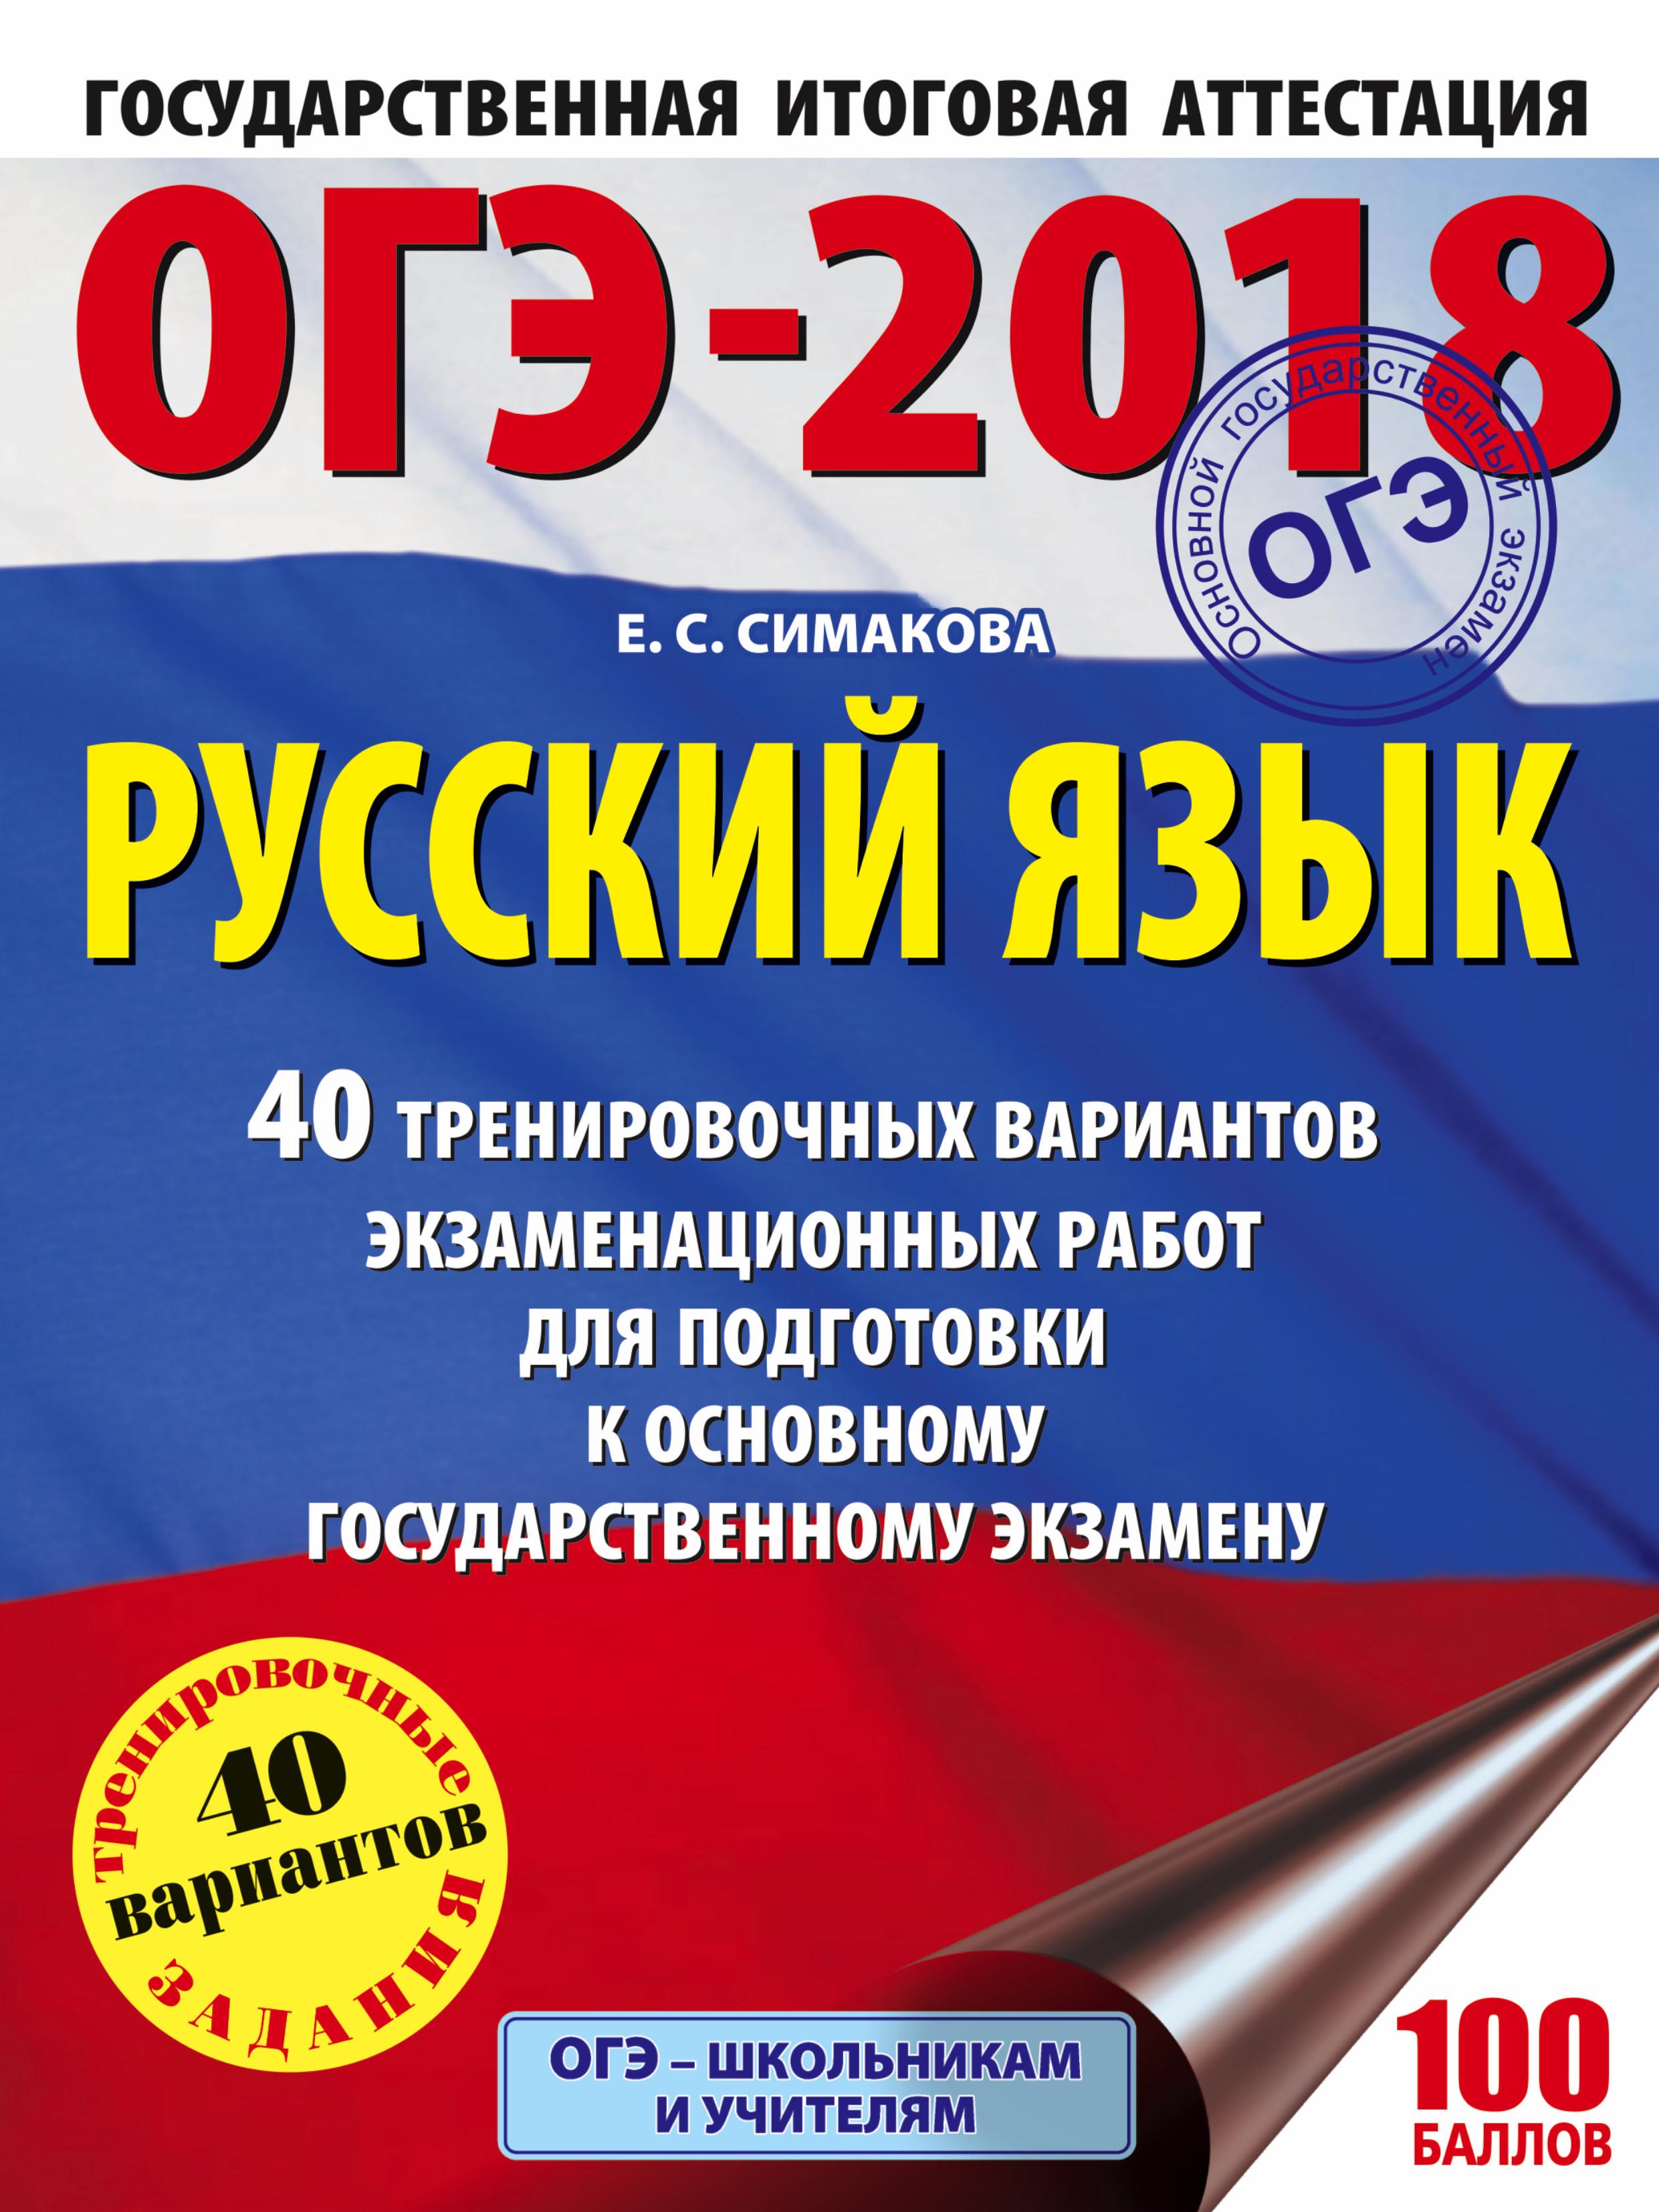 ОГЭ-2018. Русский язык. 40 тренировочных экзаменационных вариантов для подготовки к ОГЭ Симакова